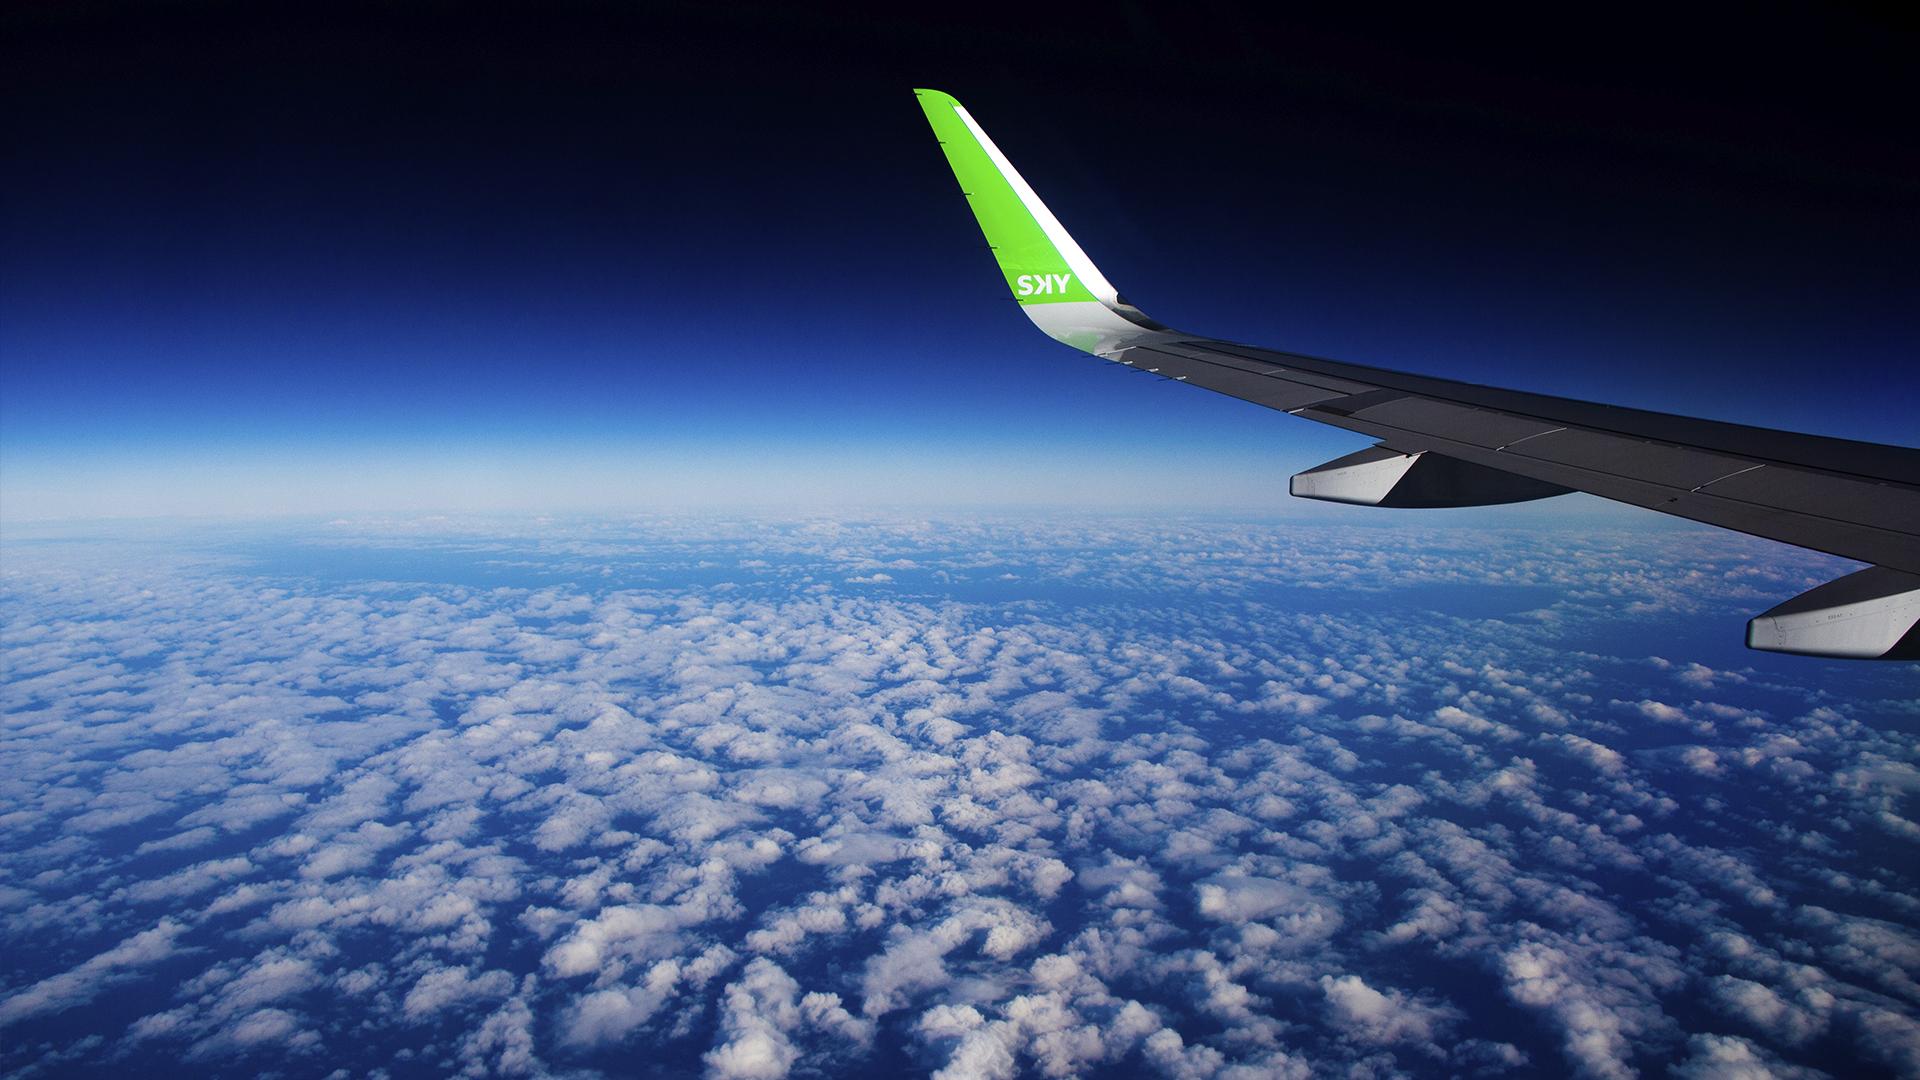 """Klaus Von Storch, piloto militar chileno y en 2001 candidato a convertirse en astronauta de la NASA, fue el encargado de interceptar el eclipse a bordo del avión. """"La umbra avanzará de oeste a este: tendremos que interceptarlo en un segundo exacto, porque no es un bloque uniforme, sino que tiene una punta en forma elíptica. El sol estará a 14 grados sobre el horizonte. Nosotros vamos a estar volando a 800 kilómetros por hora, mientras que la umbra viajará a diez mil kilómetros por hora. Cuando lo interceptemos, solo vamos a tener pocos segundos para verlo de frente"""", le dijo a Infobae"""